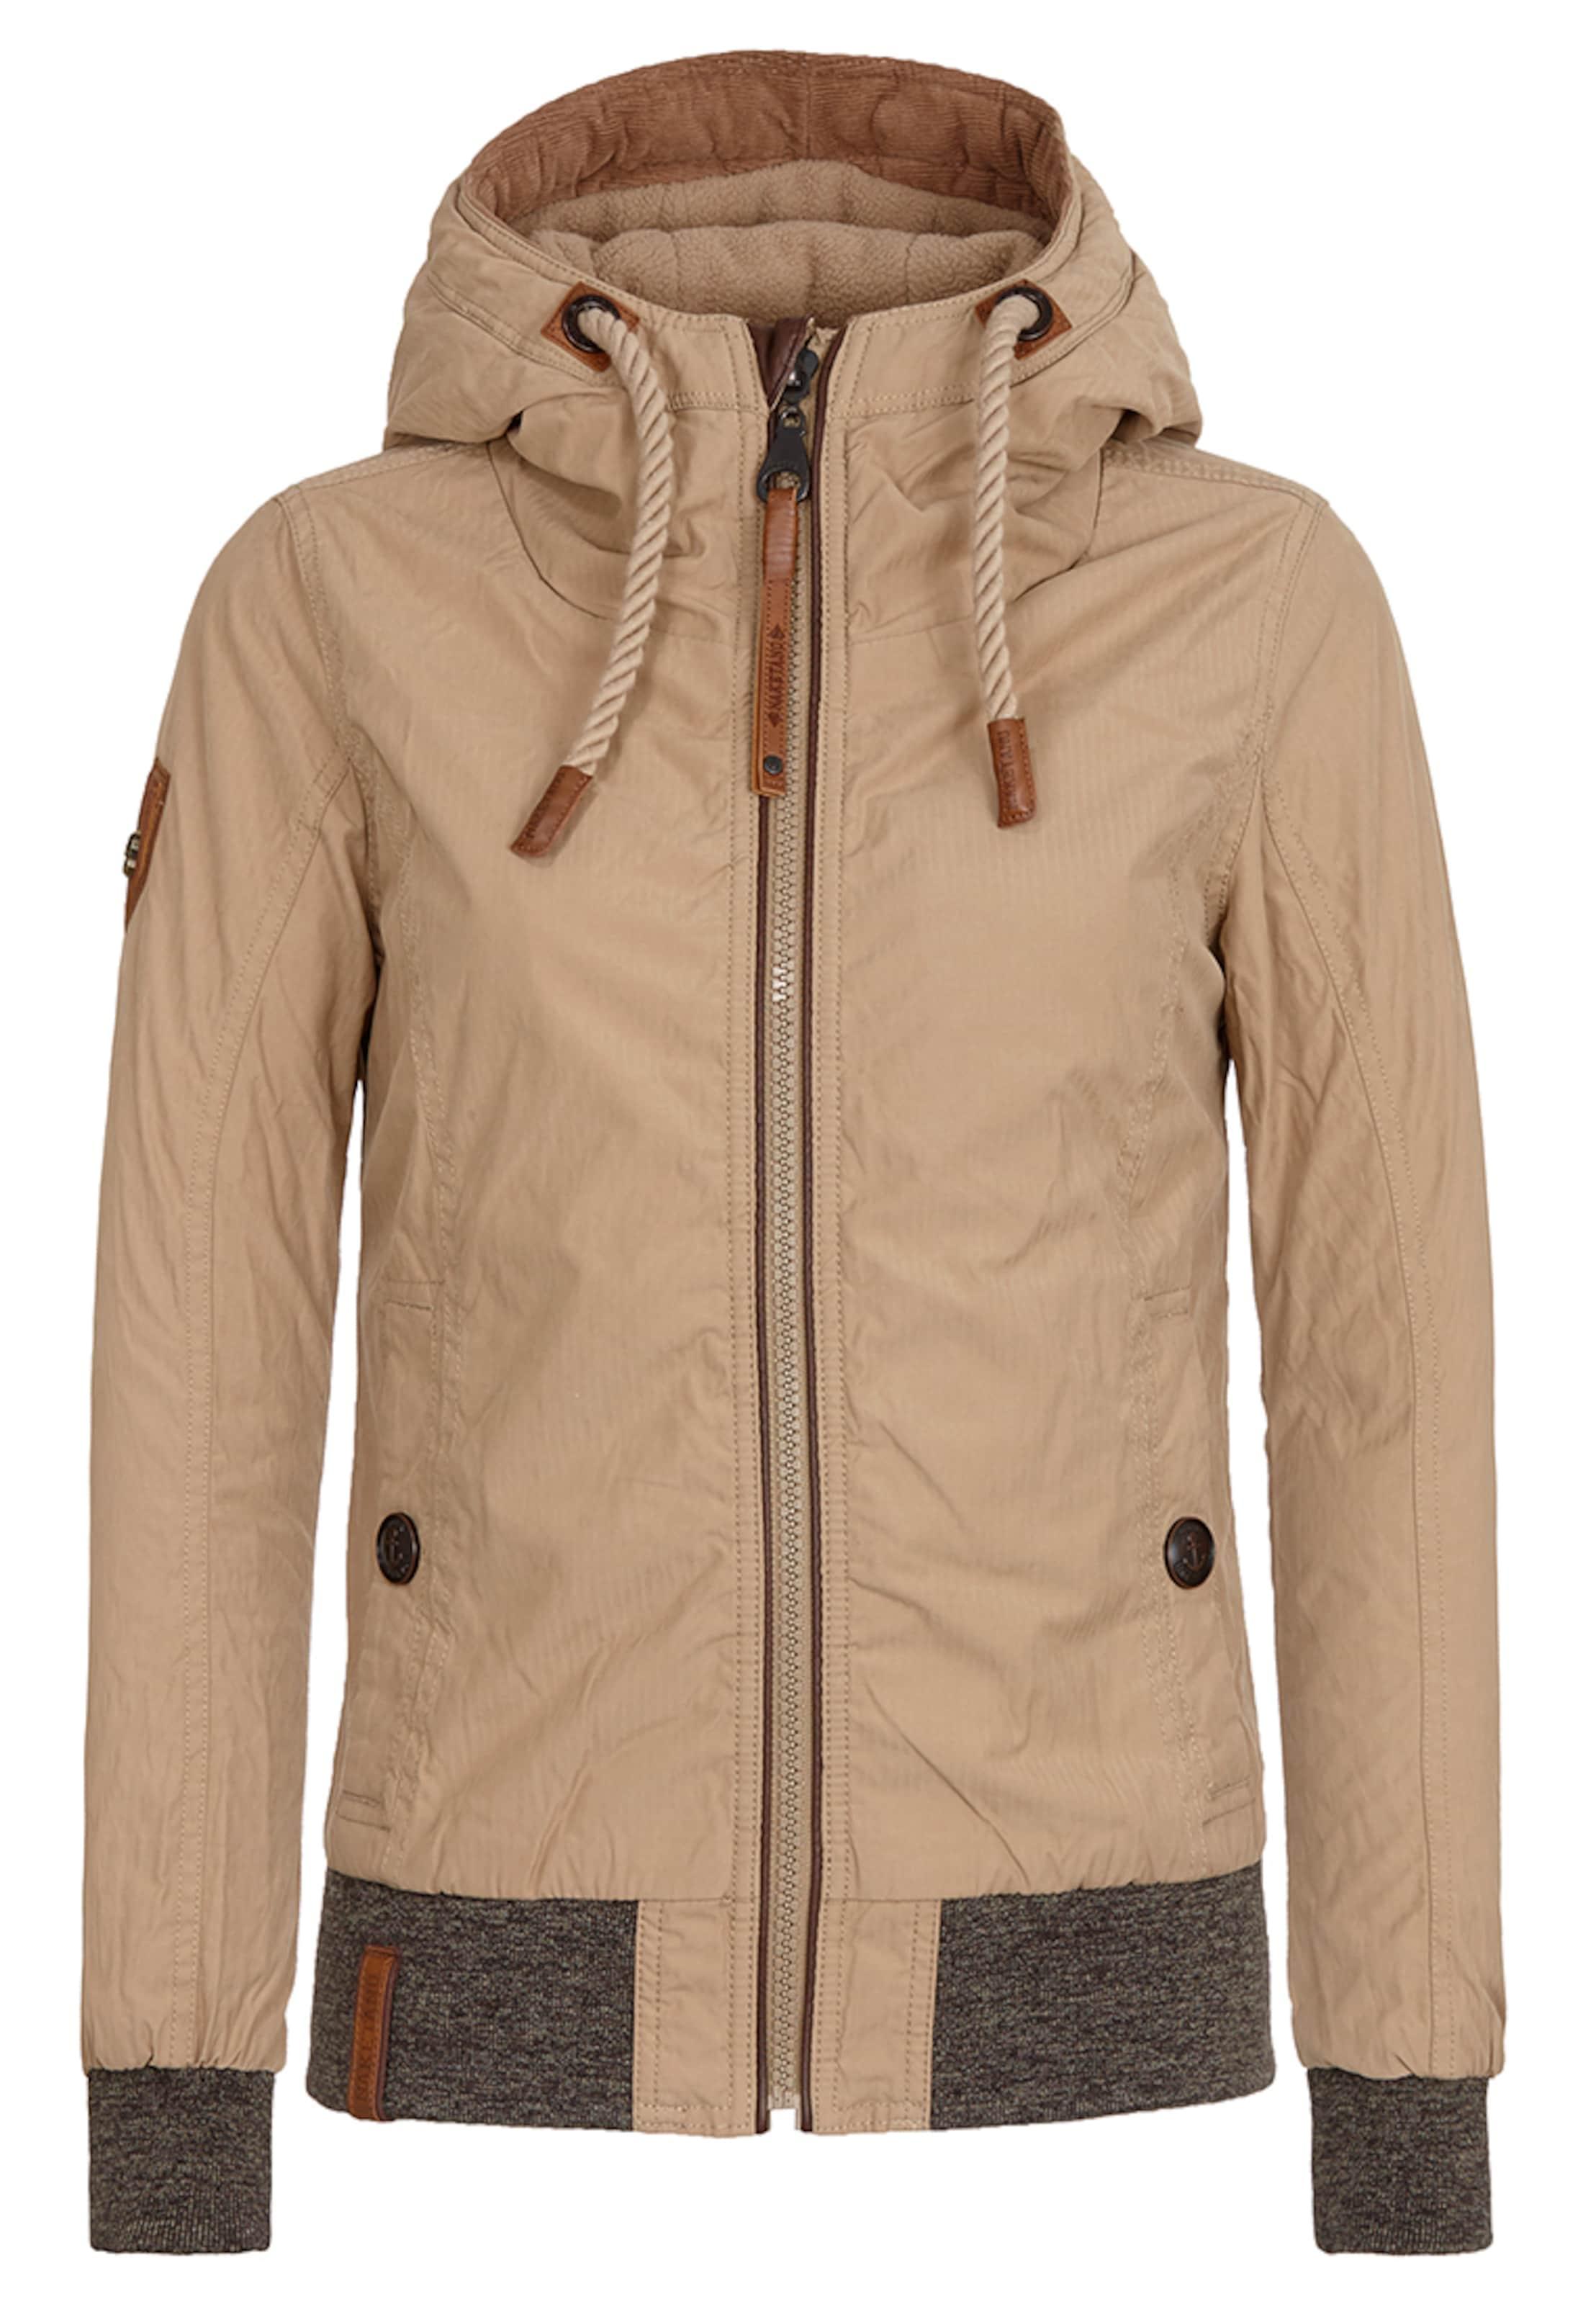 naketano Female Jacket Schnipp schnapp Pimmel ab Günstige Top-Qualität Offizielle Seite Billig Verkaufen Günstigsten Preis Hyper Online Steckdose Shop Ac9iZGFCX